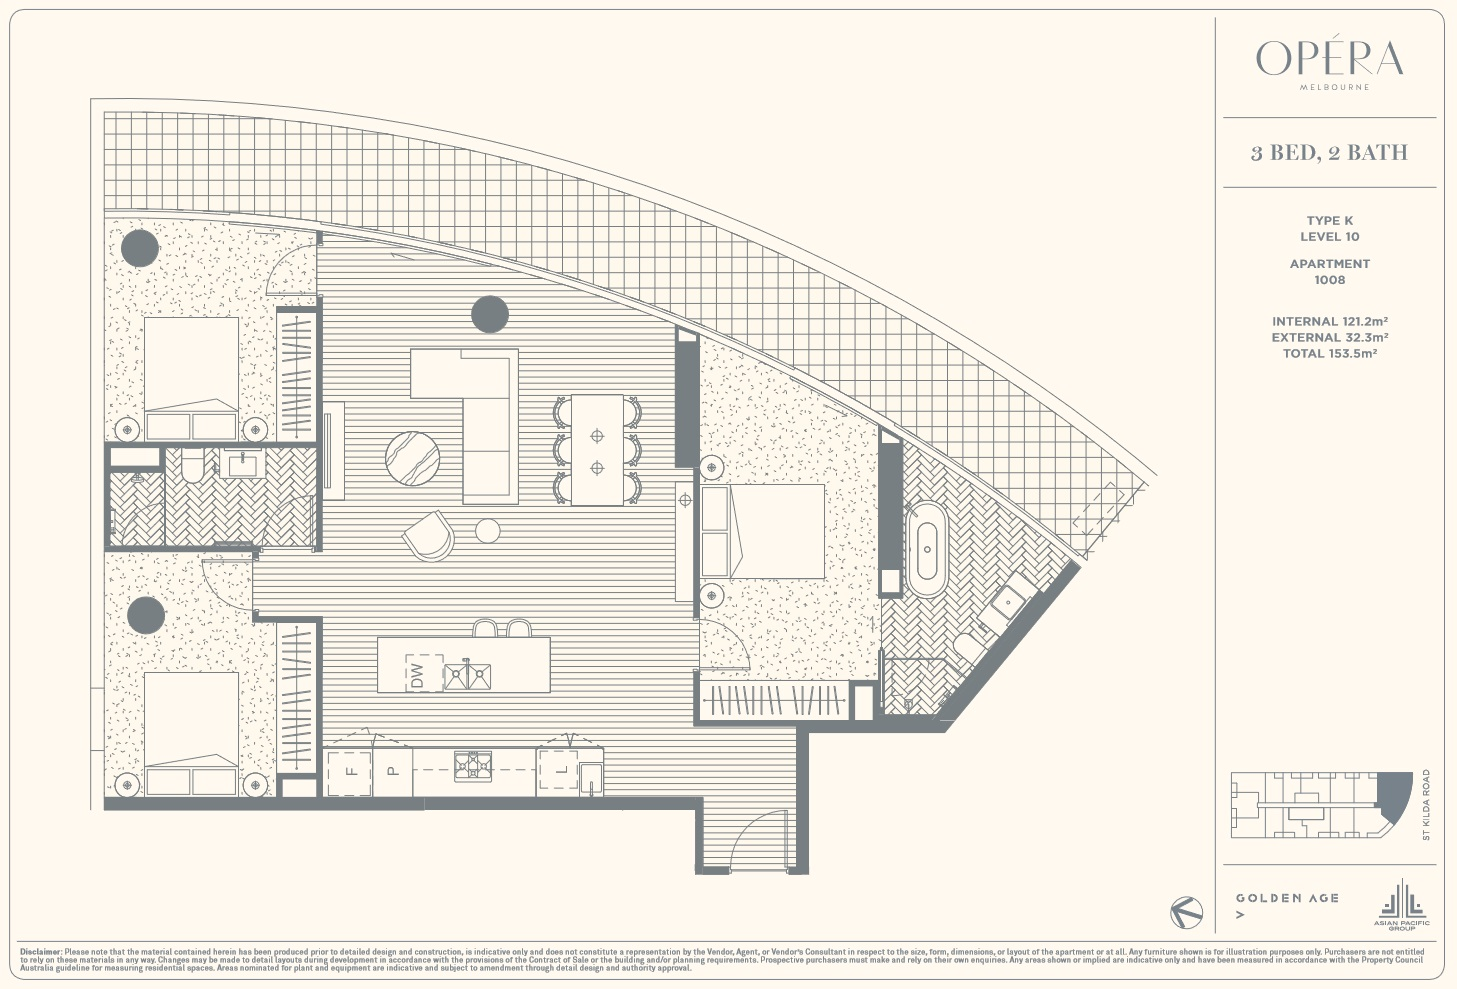 Floor Plan Type K - 3Bed2Bath